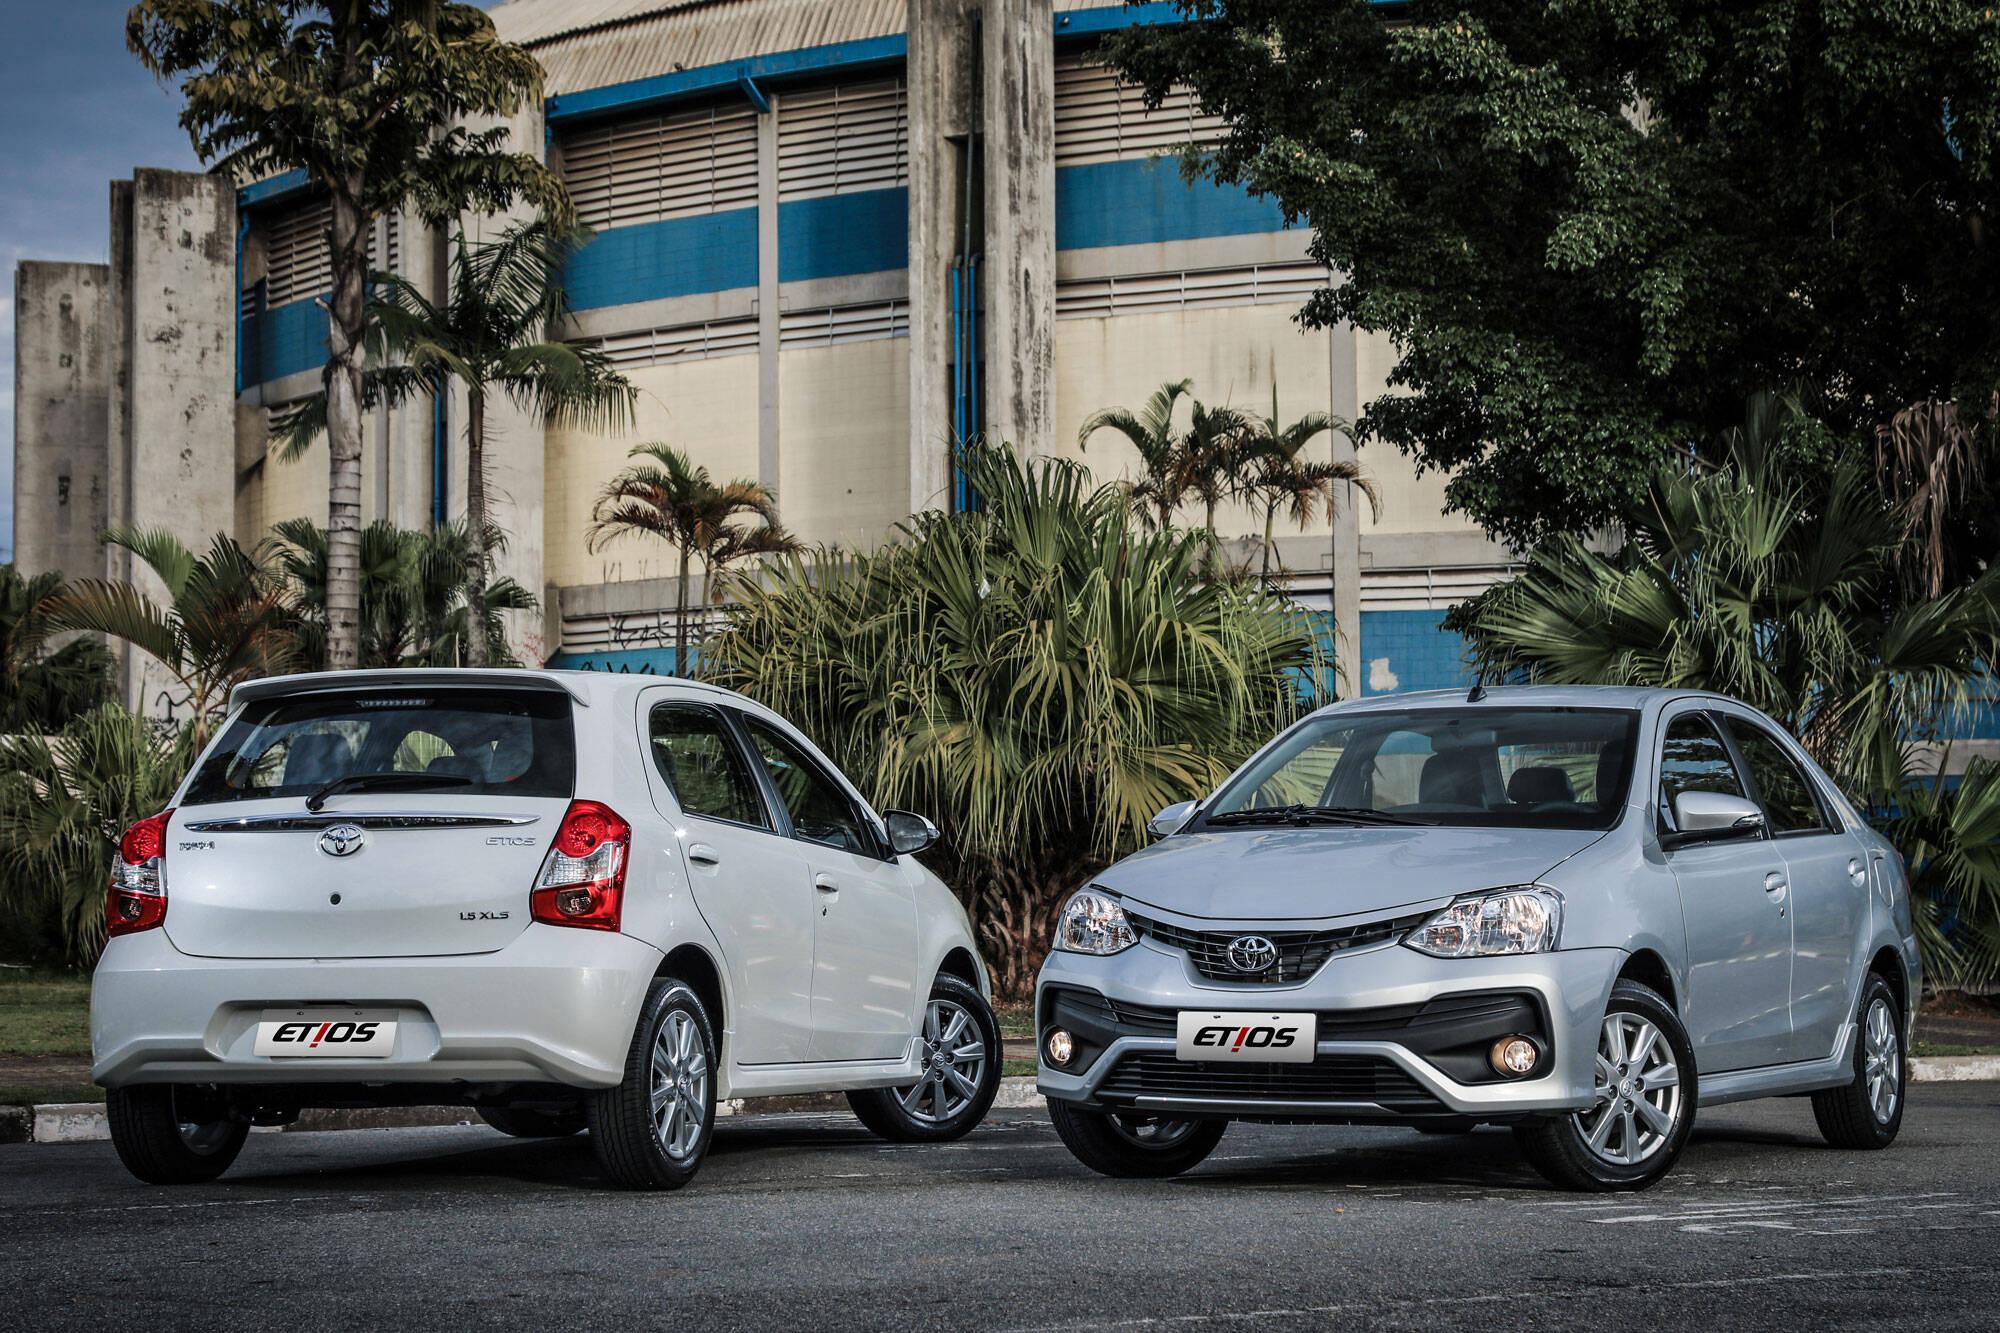 Toyota Etios 2018. Foto: Divugalção/Toyota